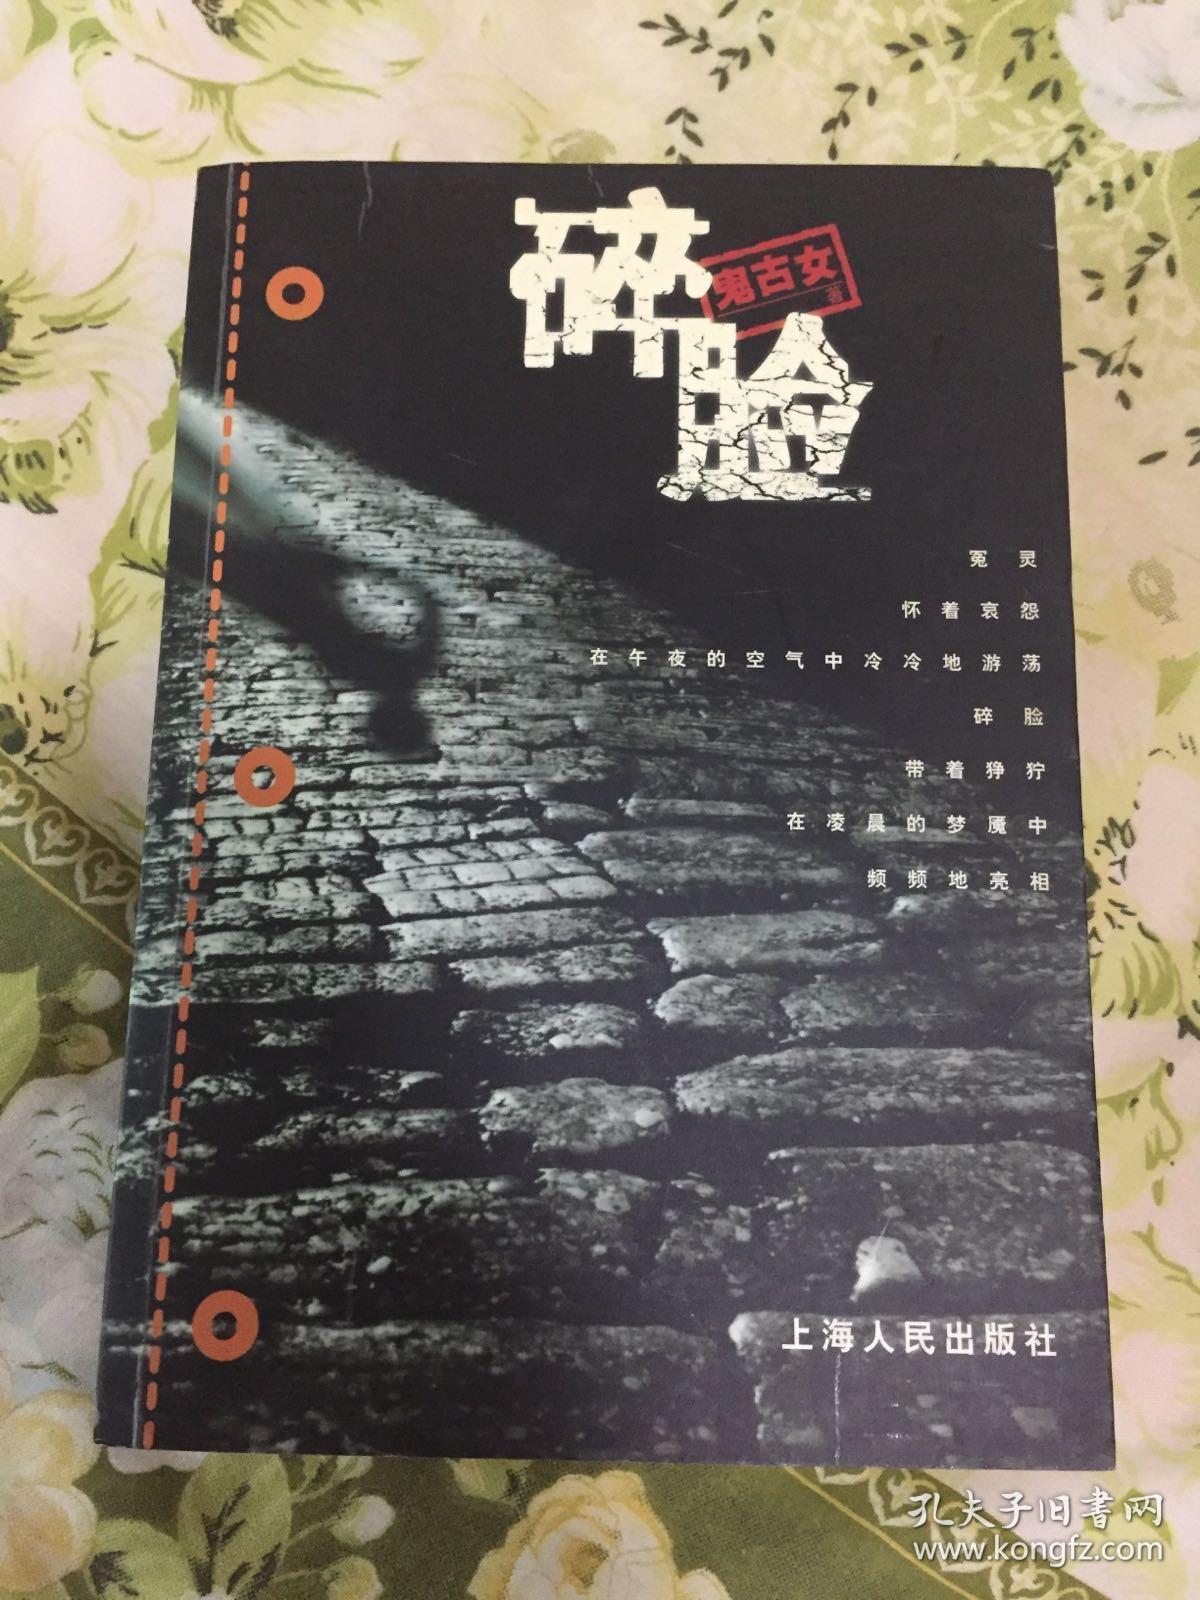 碎脸//鬼古女著.上海人民出版社.2005年1月一版一印.品好如图.